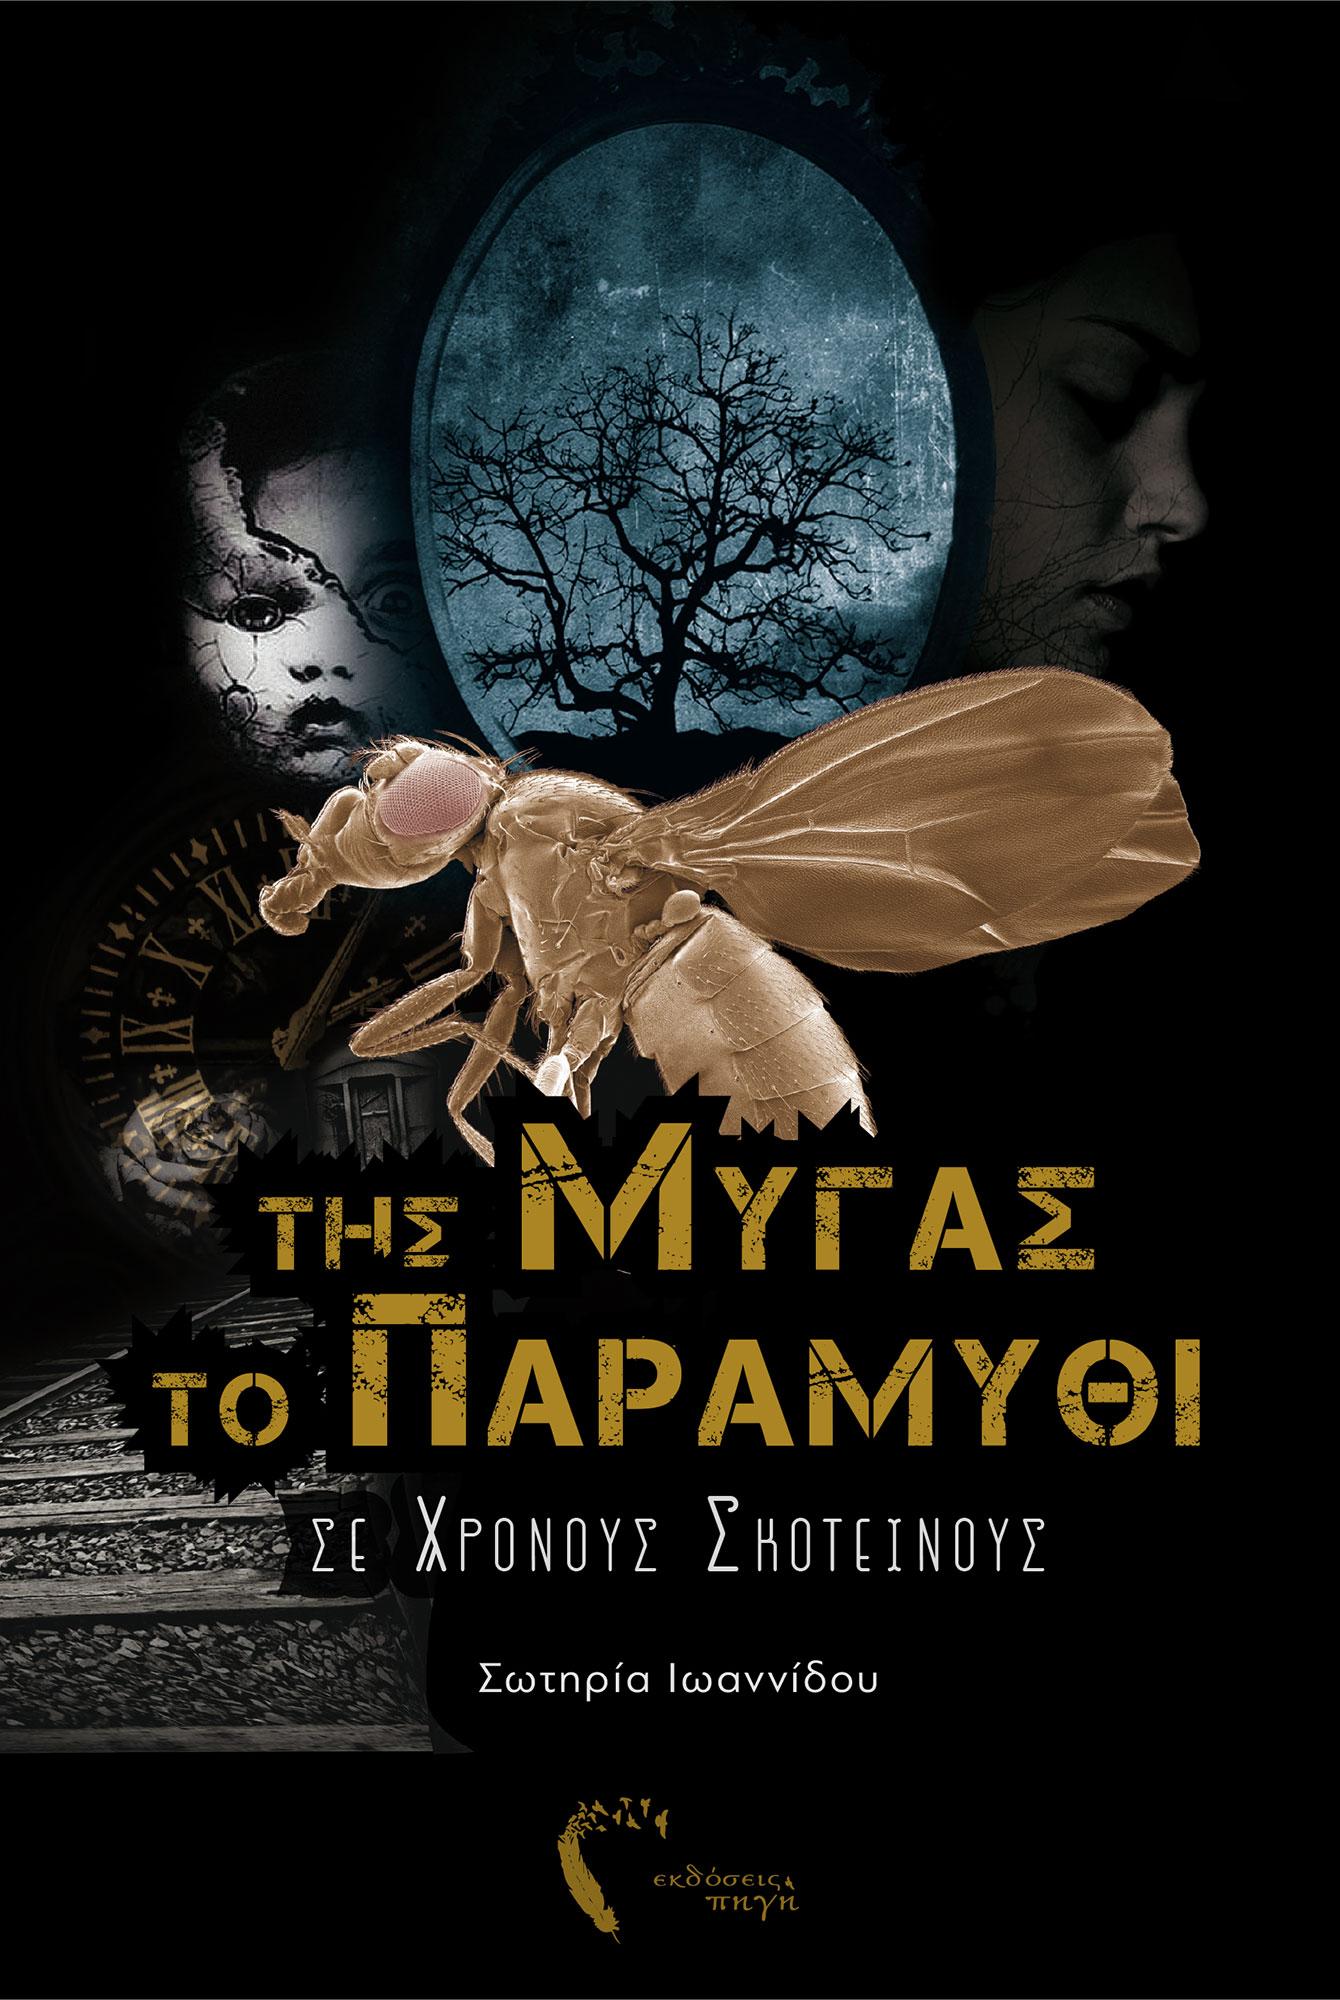 Της Μύγας το Παραμύθι, Σωτηρία Ιωαννίδου, Εκδόσεις Πηγή - www.pigi.gr